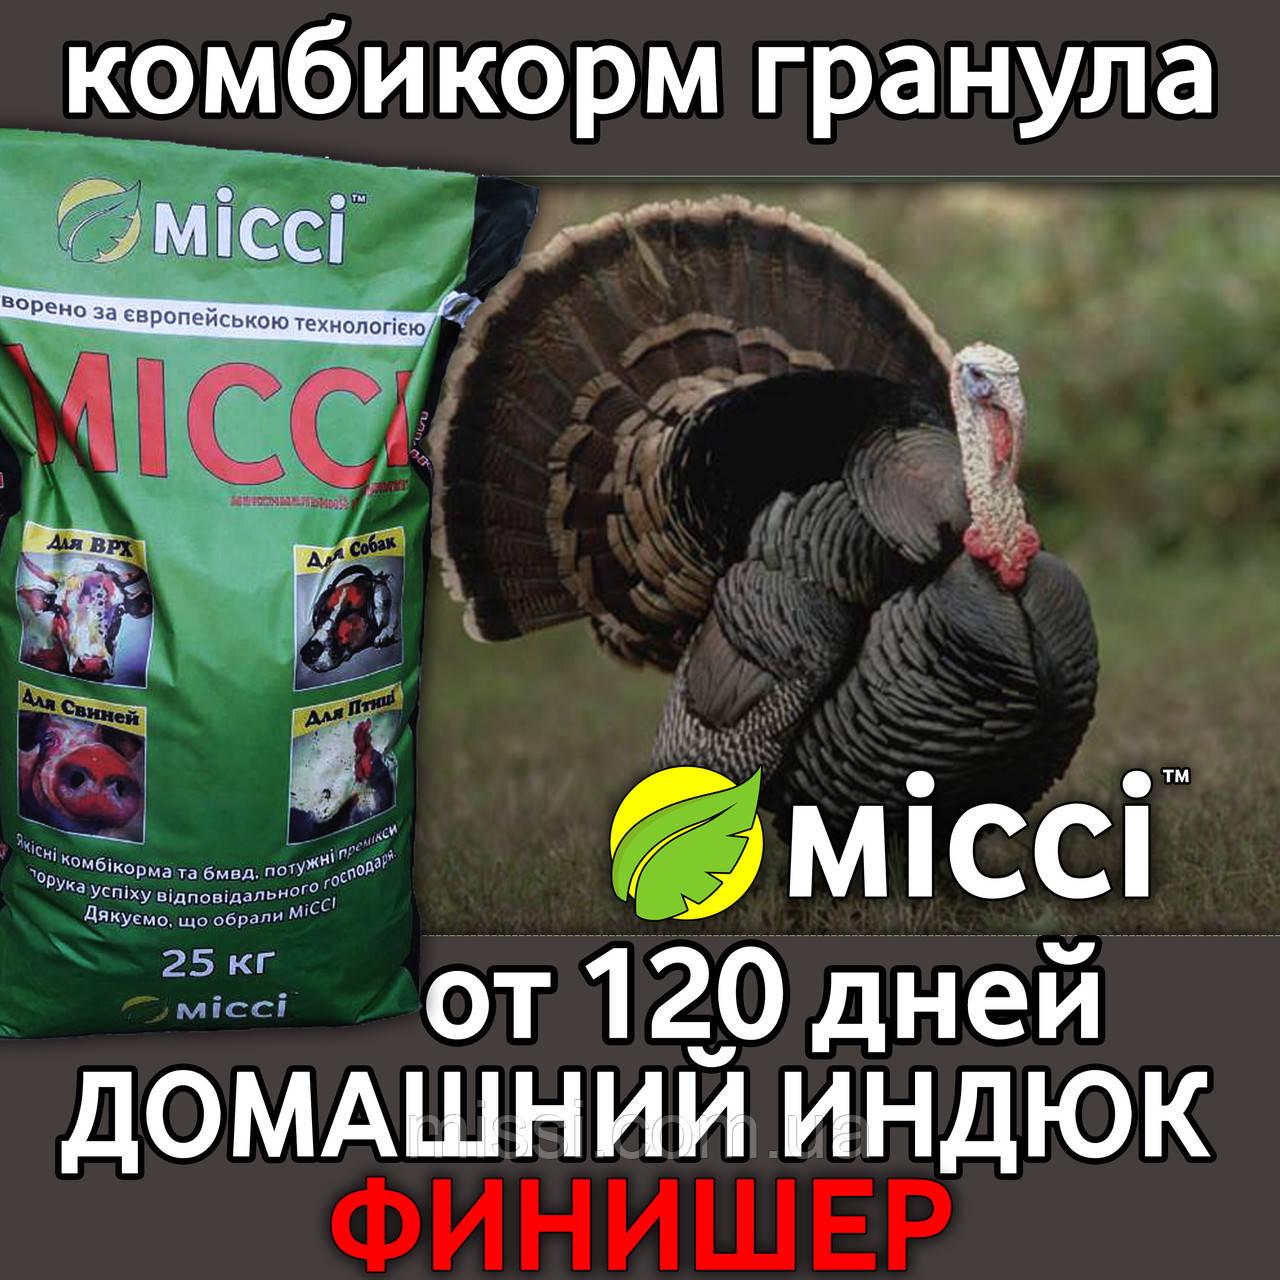 ГРАНУЛИРОВАННЫЙ комбикорм ФИНИШ (от 120 дней) для ДОМАШНИХ ИНДЮКОВ (мешок 25 кг), Міссі